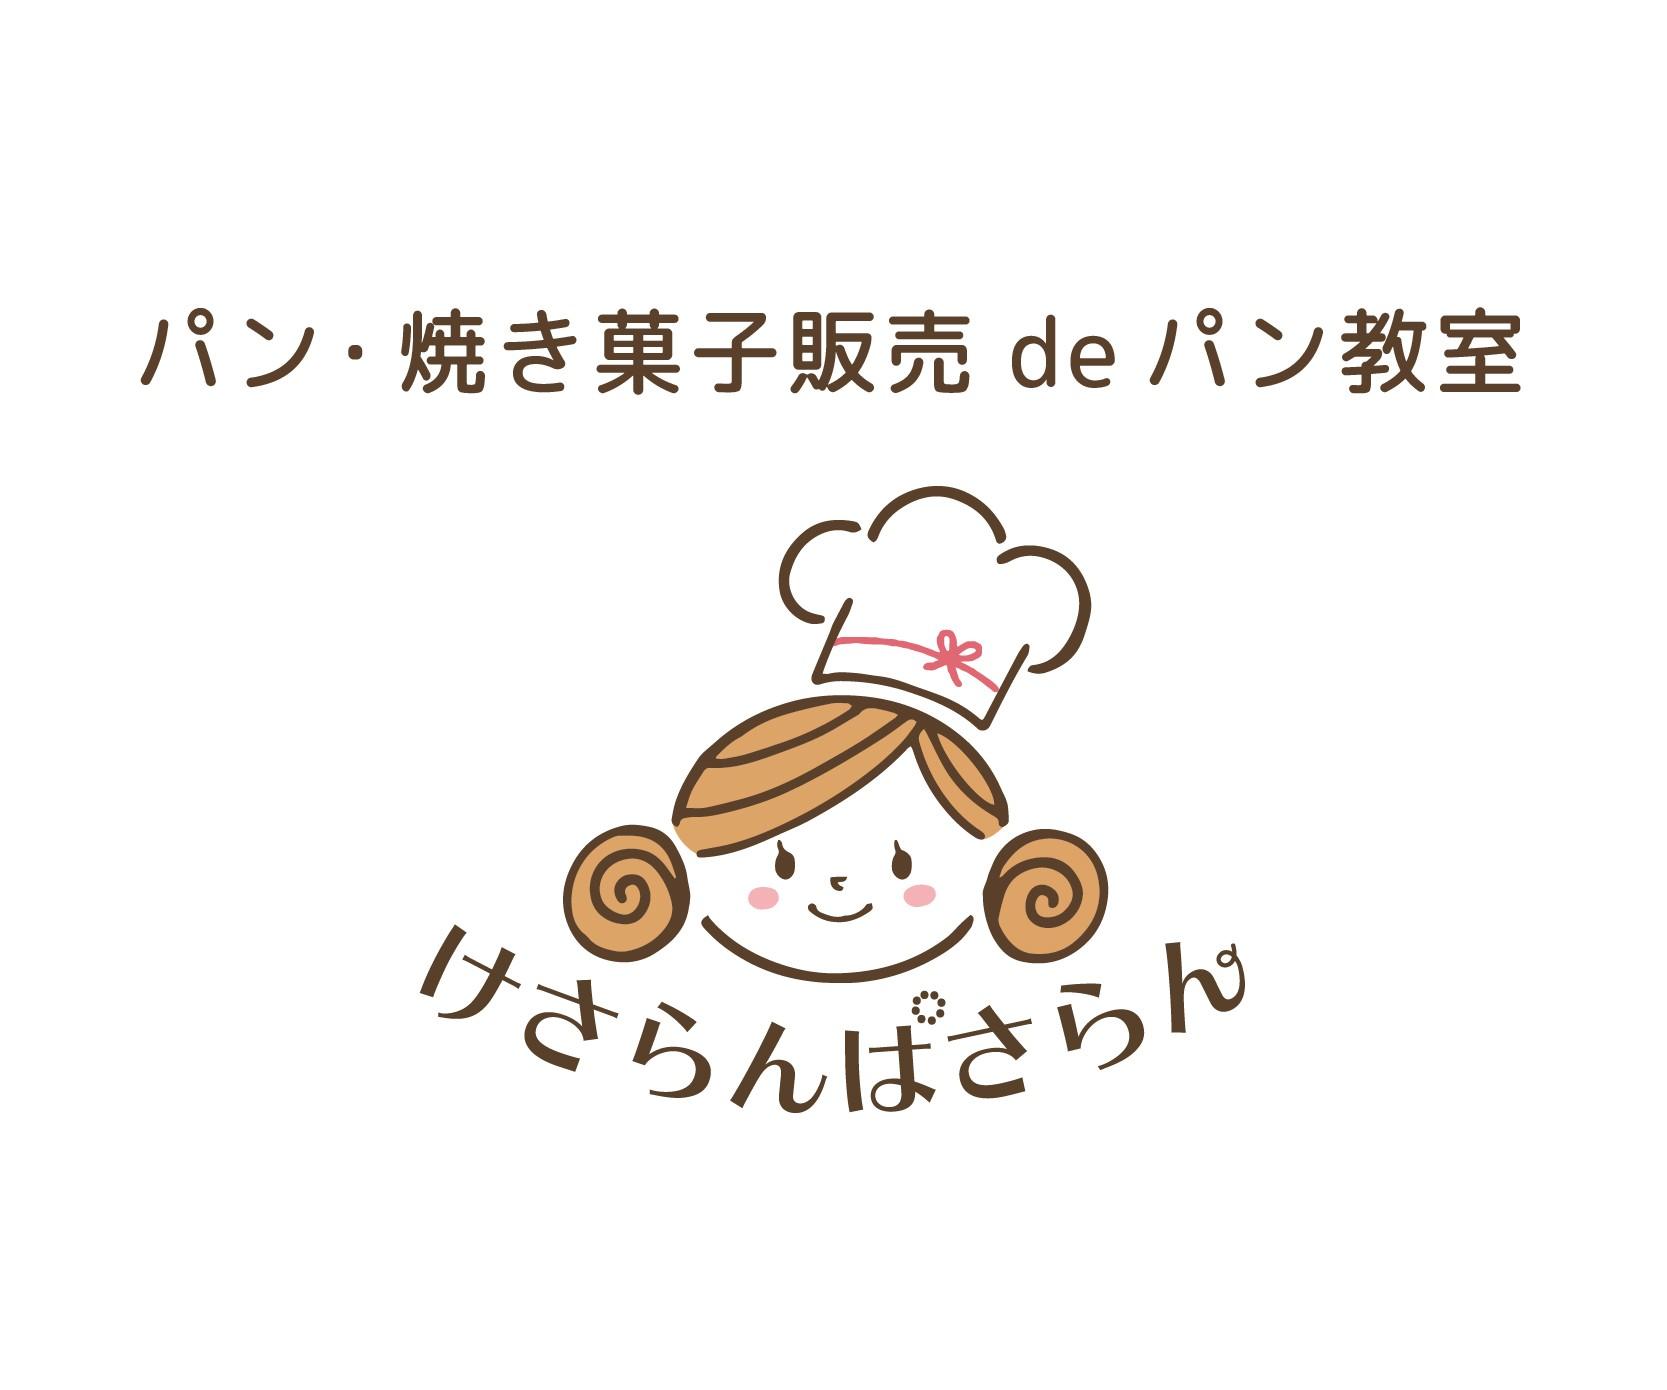 パン・焼き菓子販売deパン教室